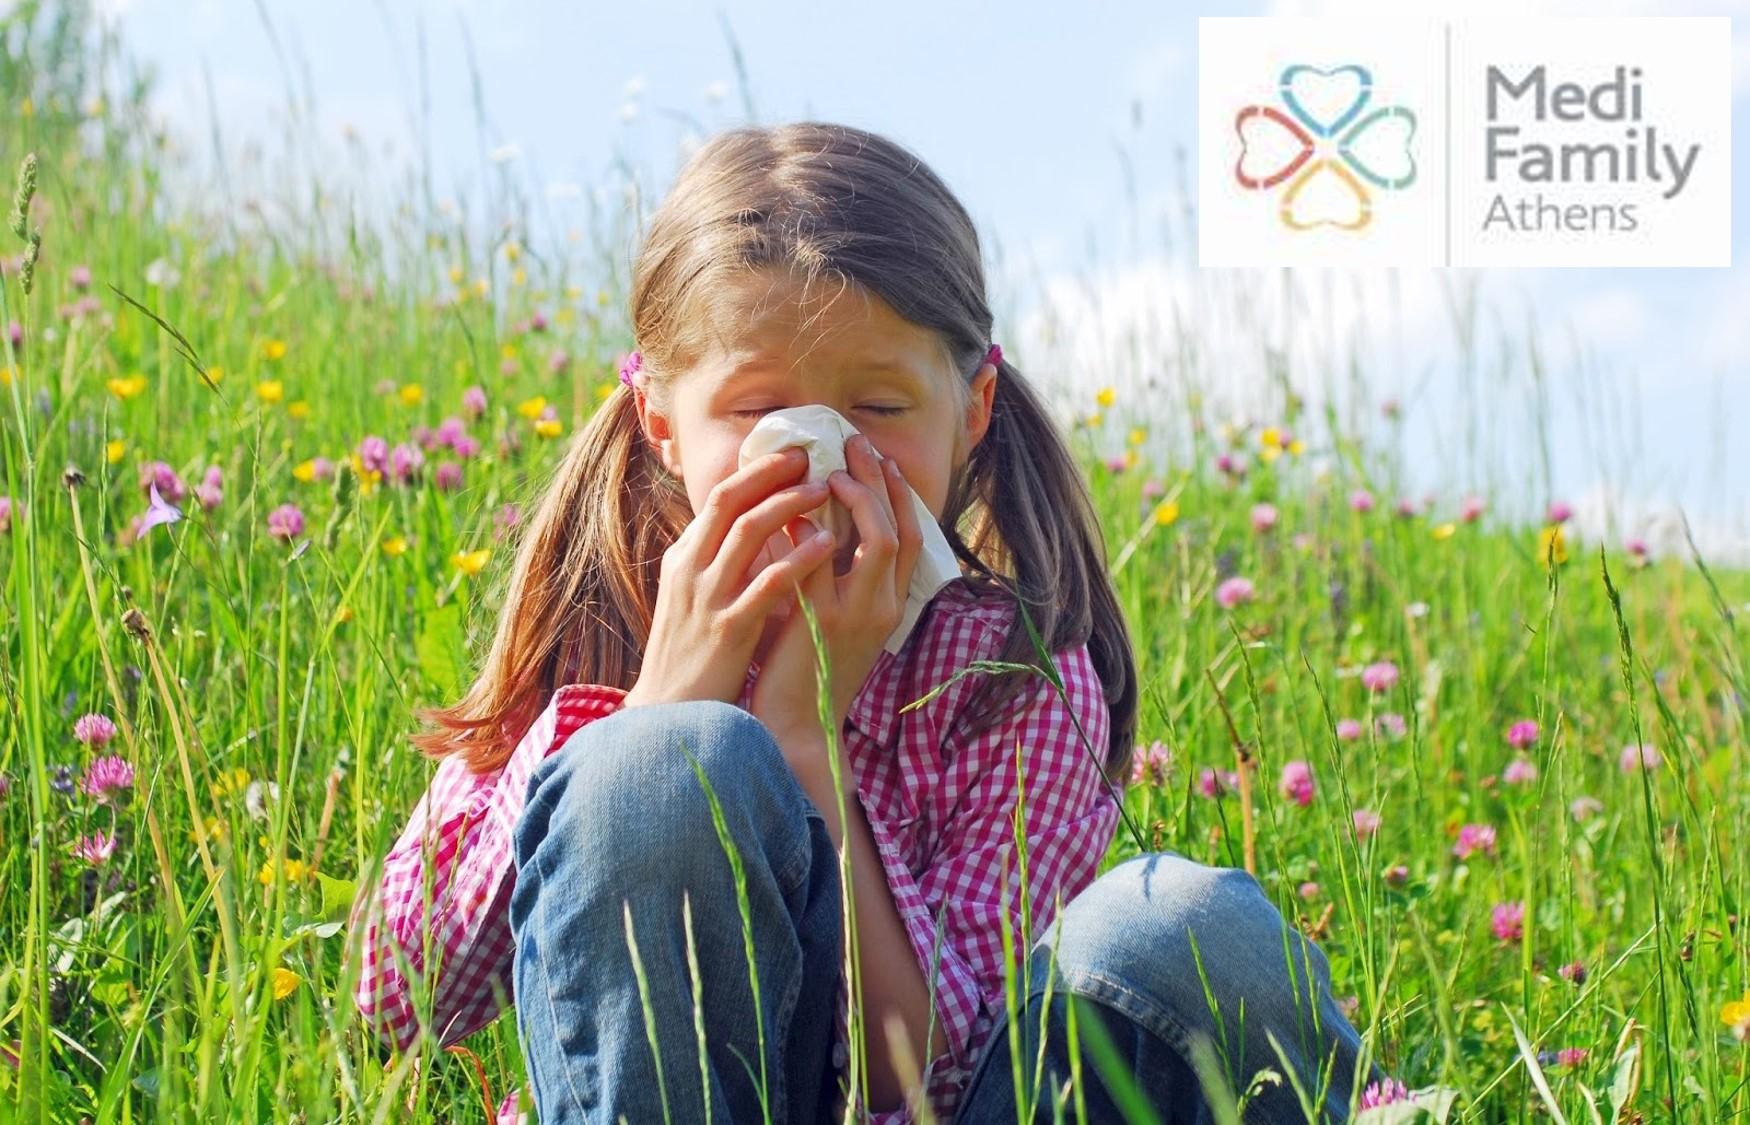 19€ από 45€ για Αντιμετώπιση Αλλεργικής Ρινίτιδας (Διάγνωση-Αγωγή από ειδικό ιατρό & Αιματολογικός Έλεγχος) στο Medi Family Athens